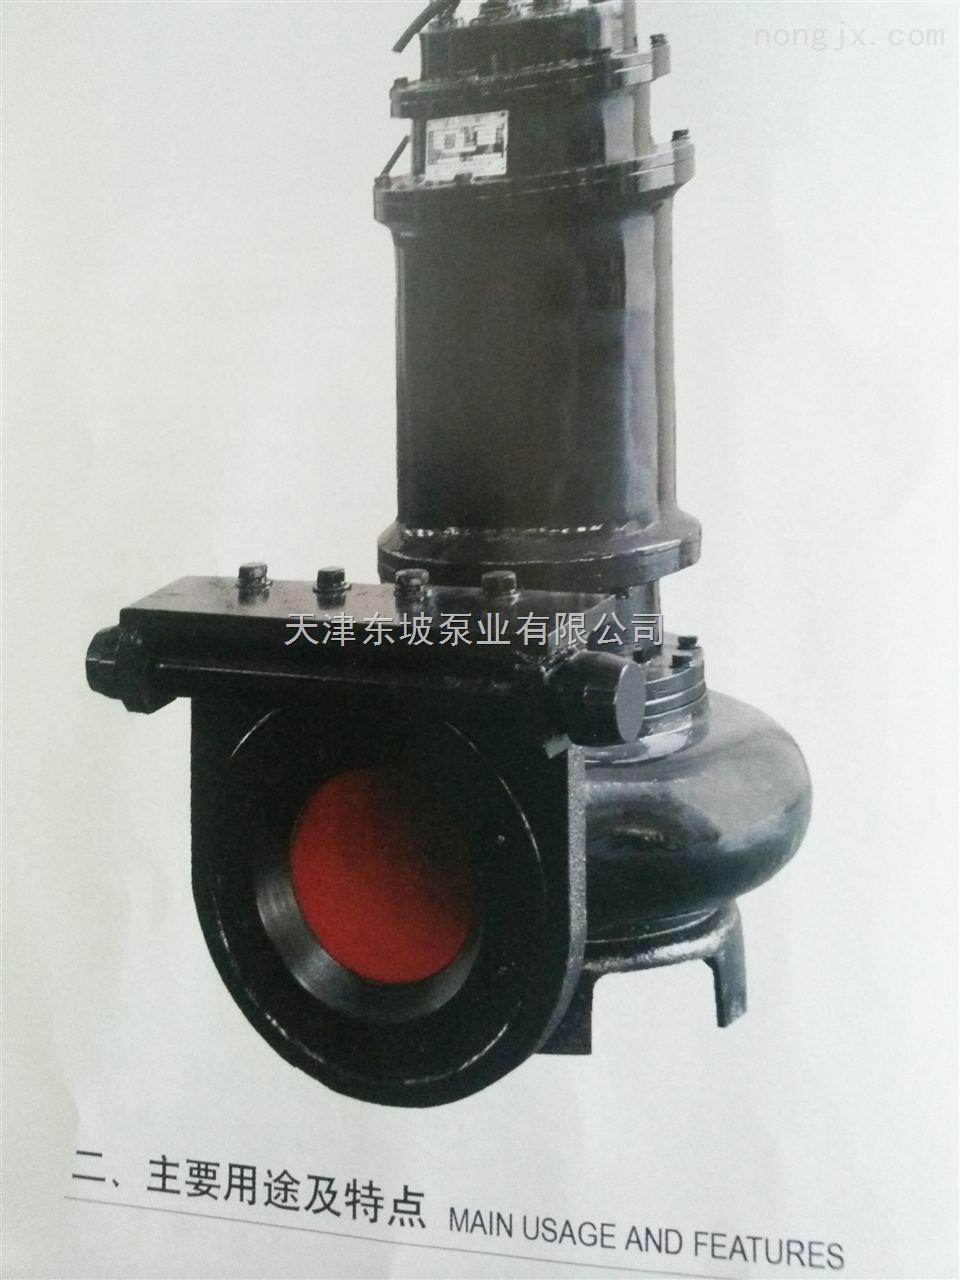 锡青铜潜水泵,污水提升泵,带绞刀排污泵